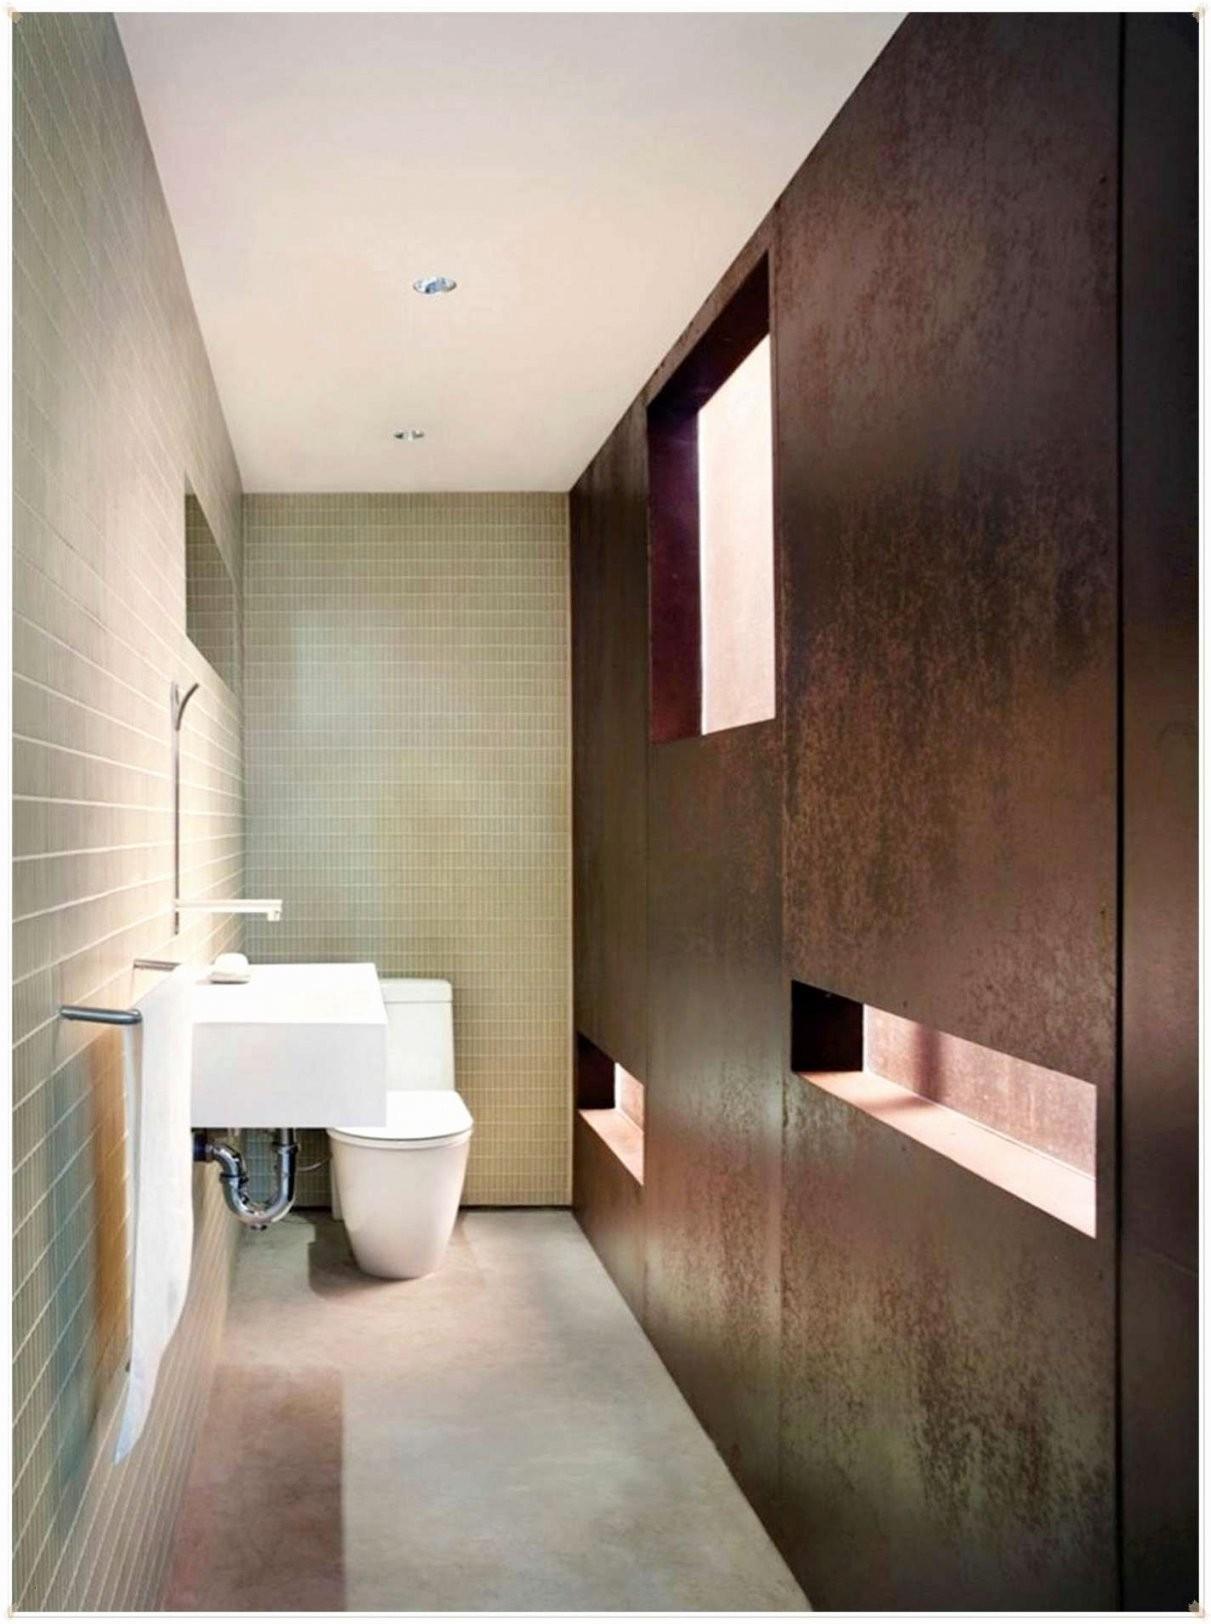 Badezimmer Dekorieren Ideen Und Design Bilder Frisch Terrassen Deko von Badezimmer Dekorieren Ideen Und Design Bilder Photo